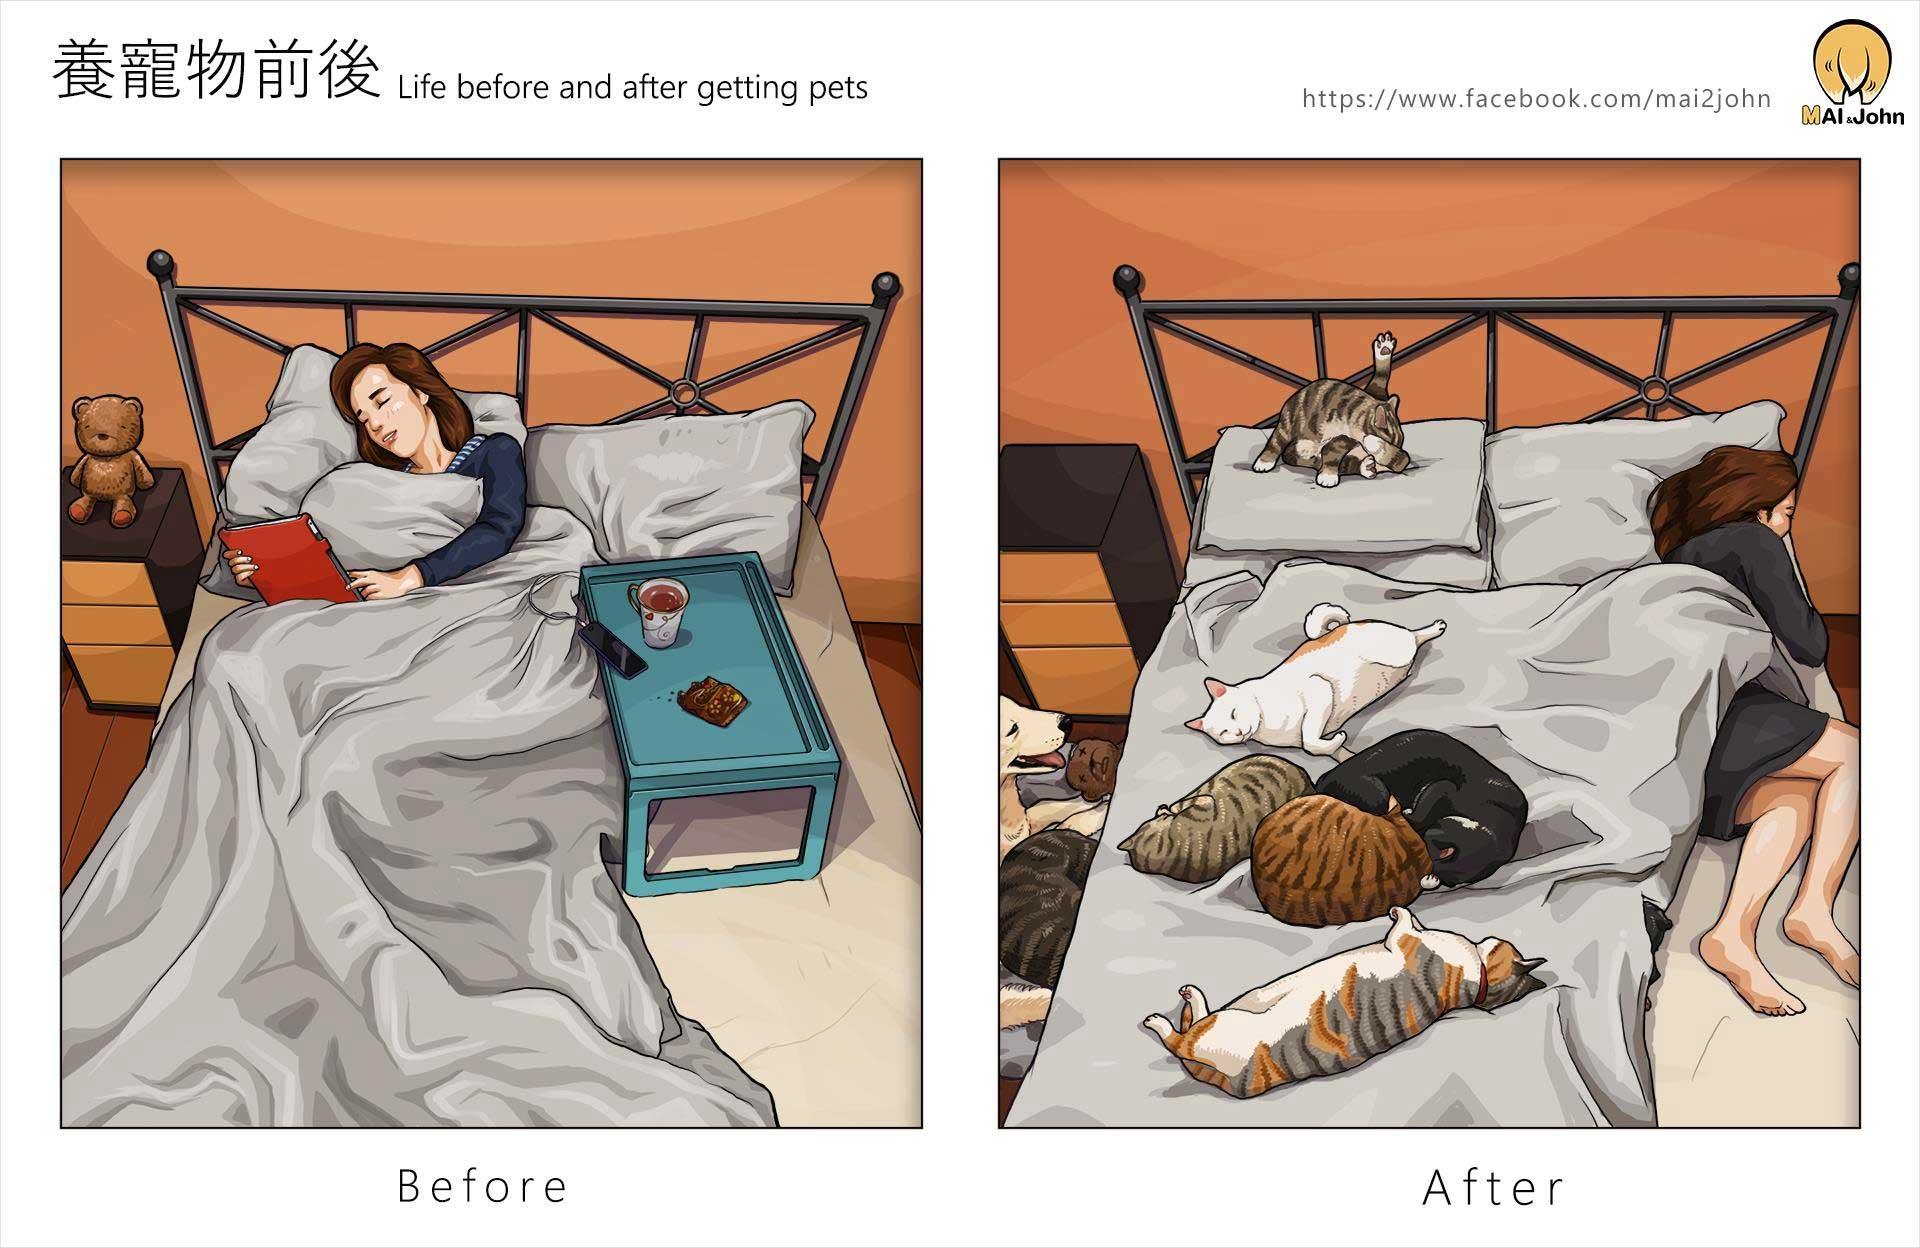 Das Leben vor und nach dem Anschaffen von Haustieren maijohn-life-with-pets_04